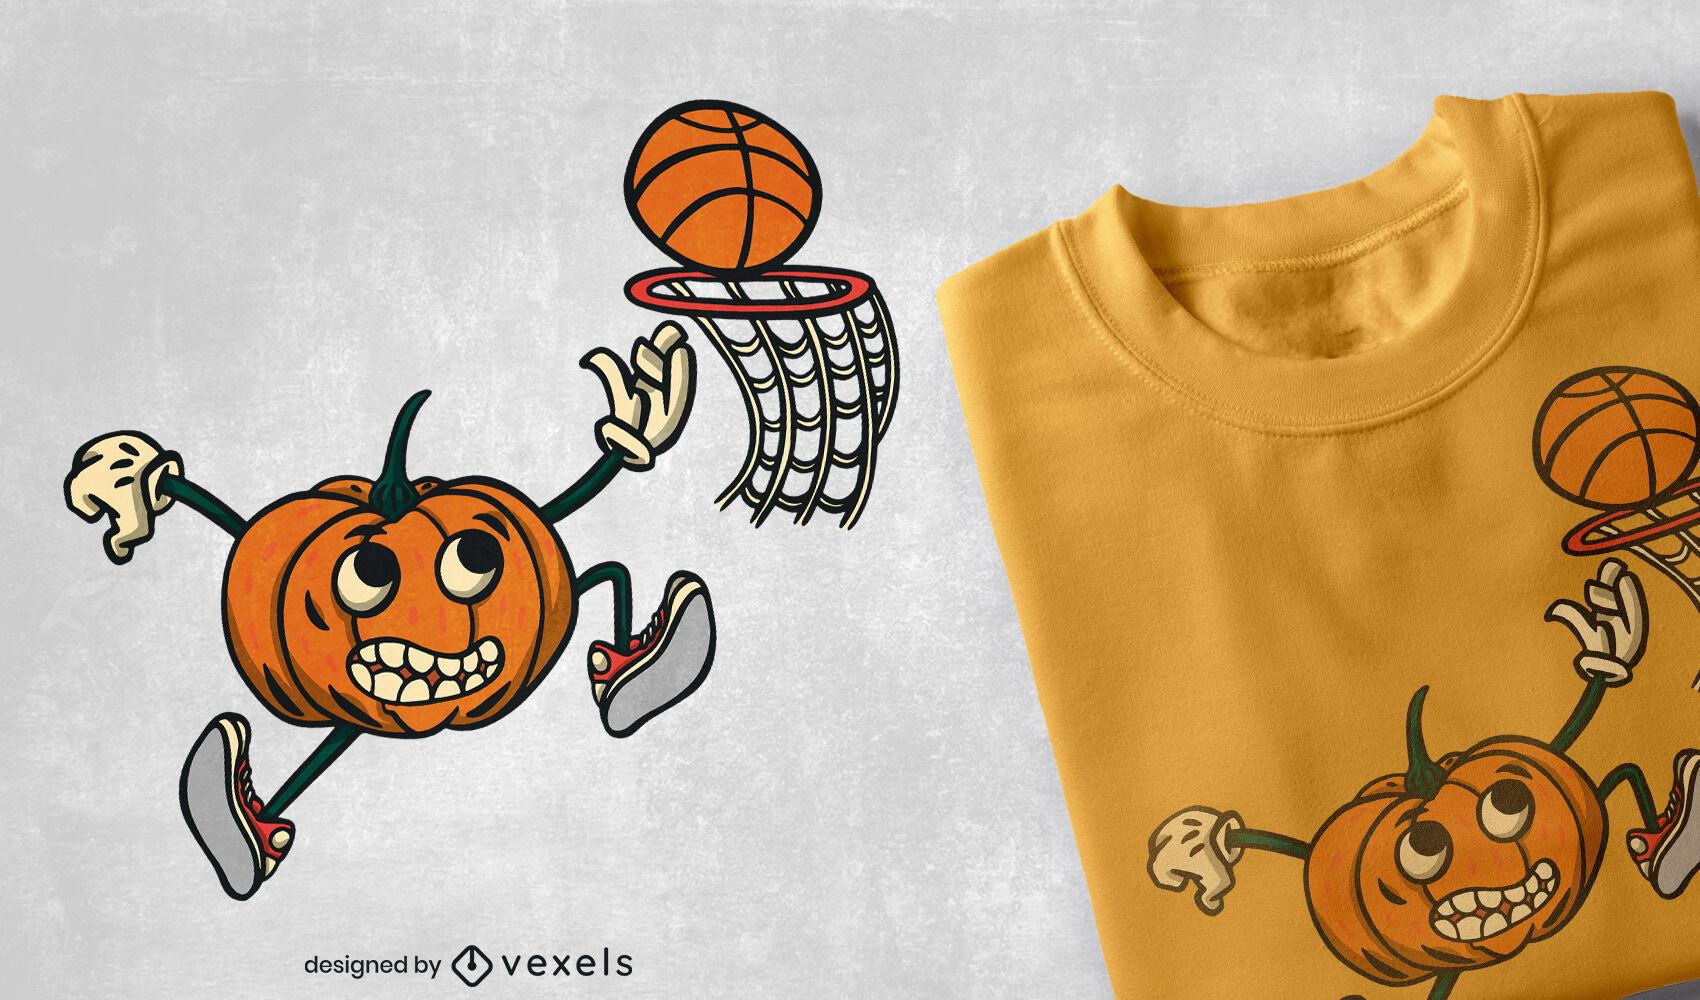 Diseño de camiseta de calabaza jugando baloncesto.